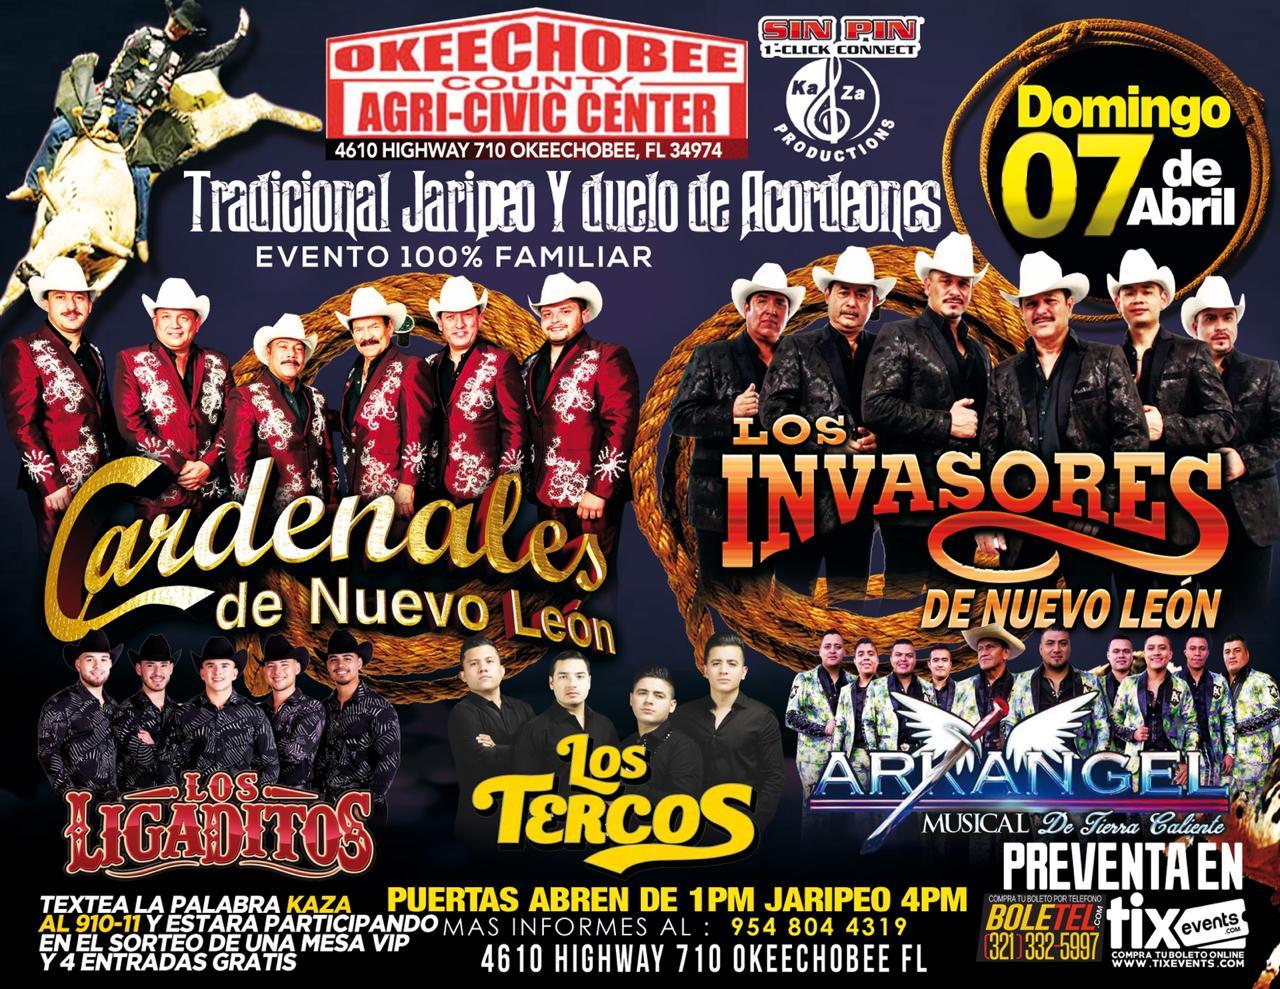 Agric Civic Center Okeechobee – Cardenales de Nuevo León